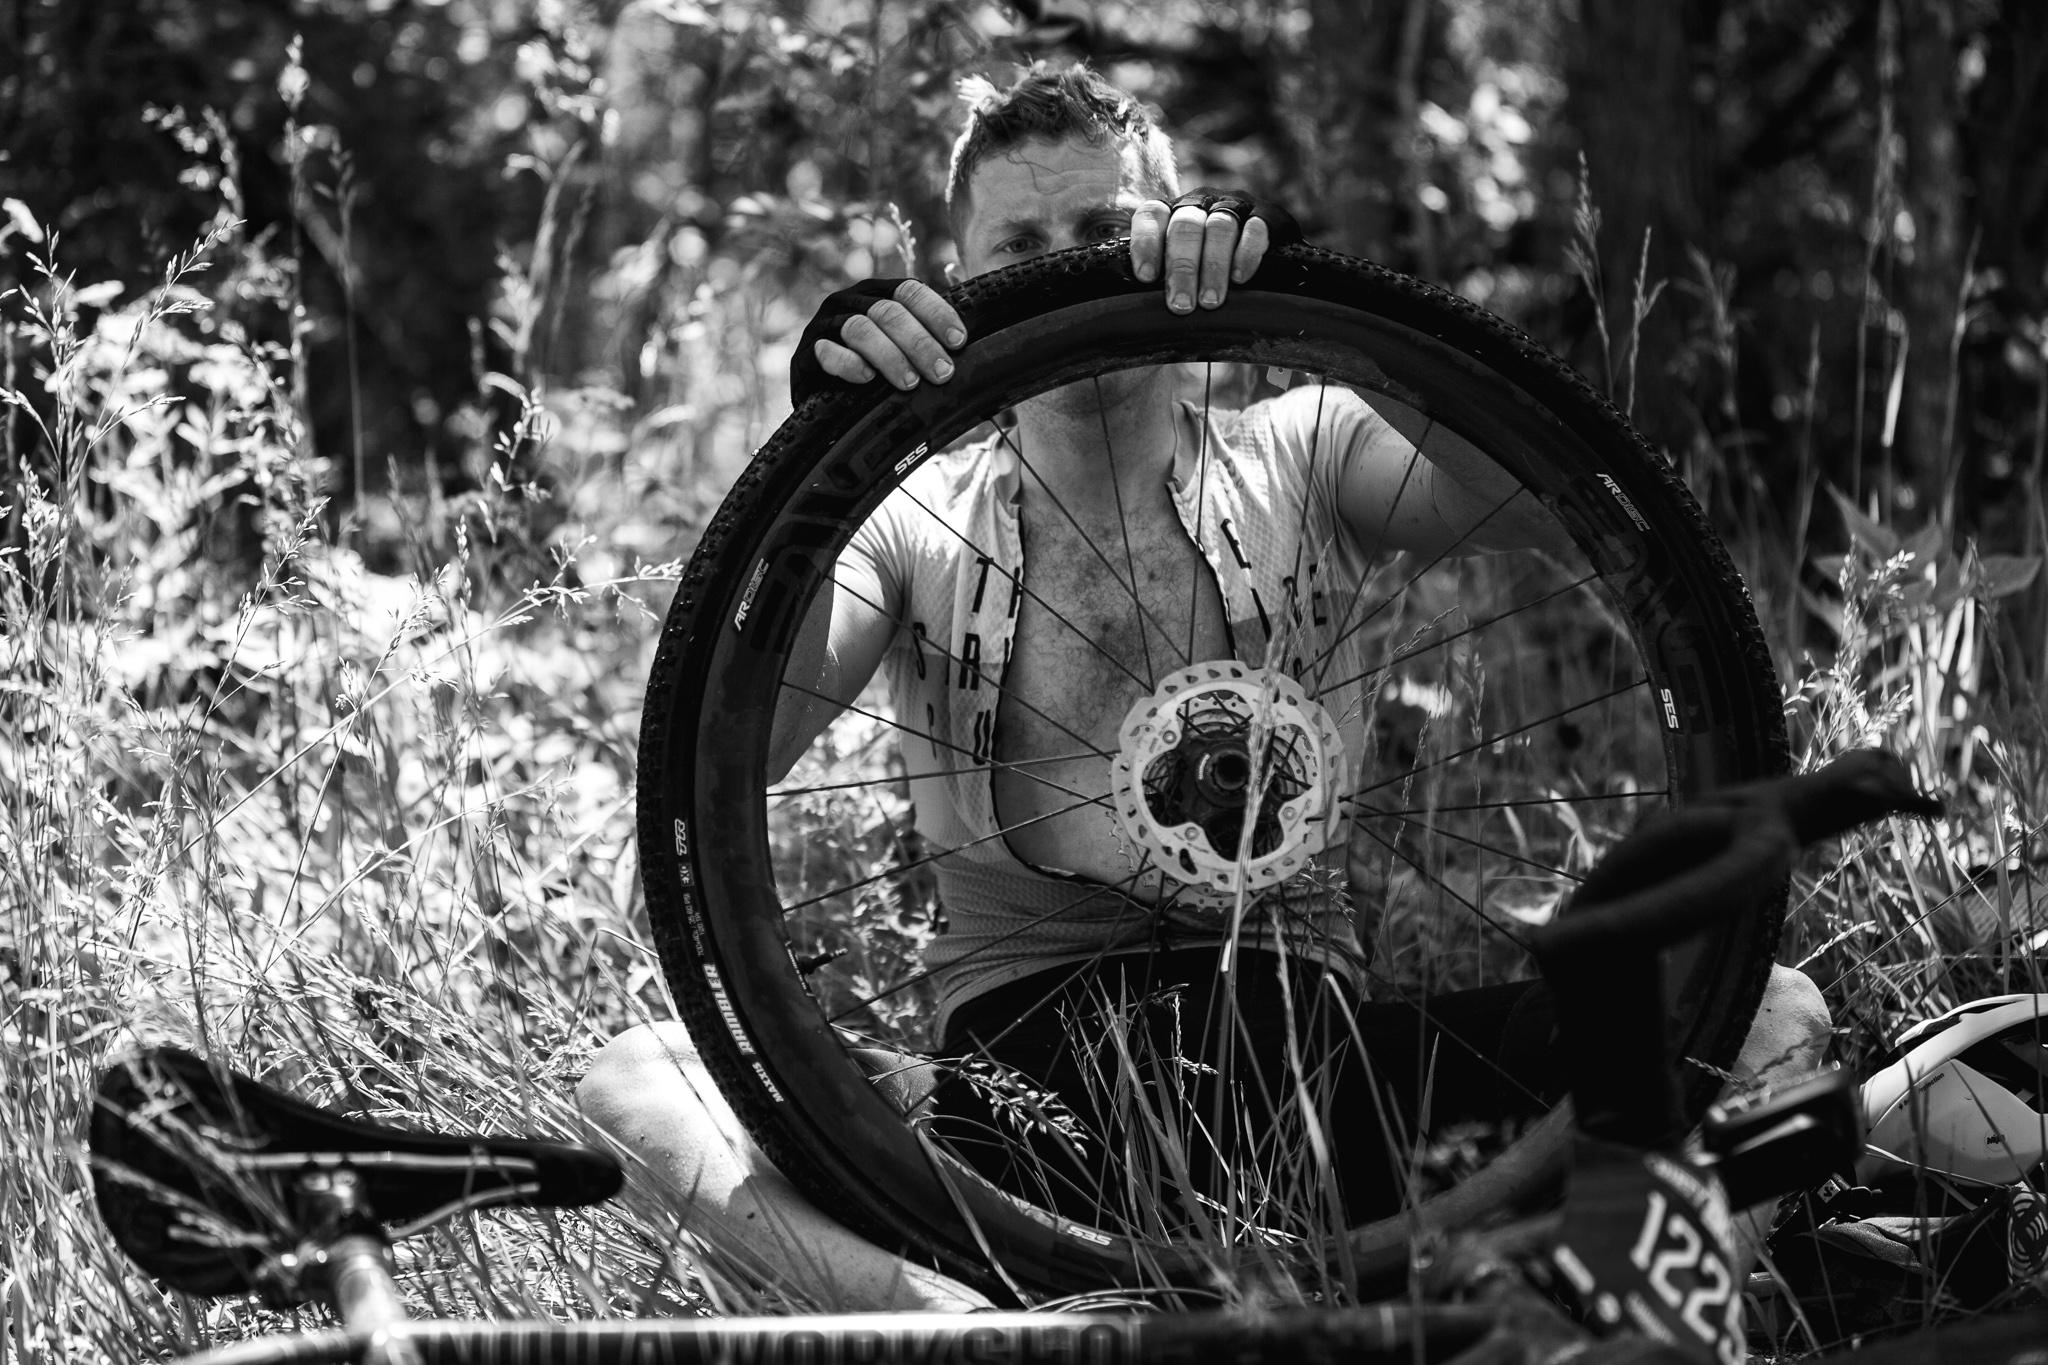 2019-06-01 Speedvagen Dirty Kanza Photo Essay-12.jpg